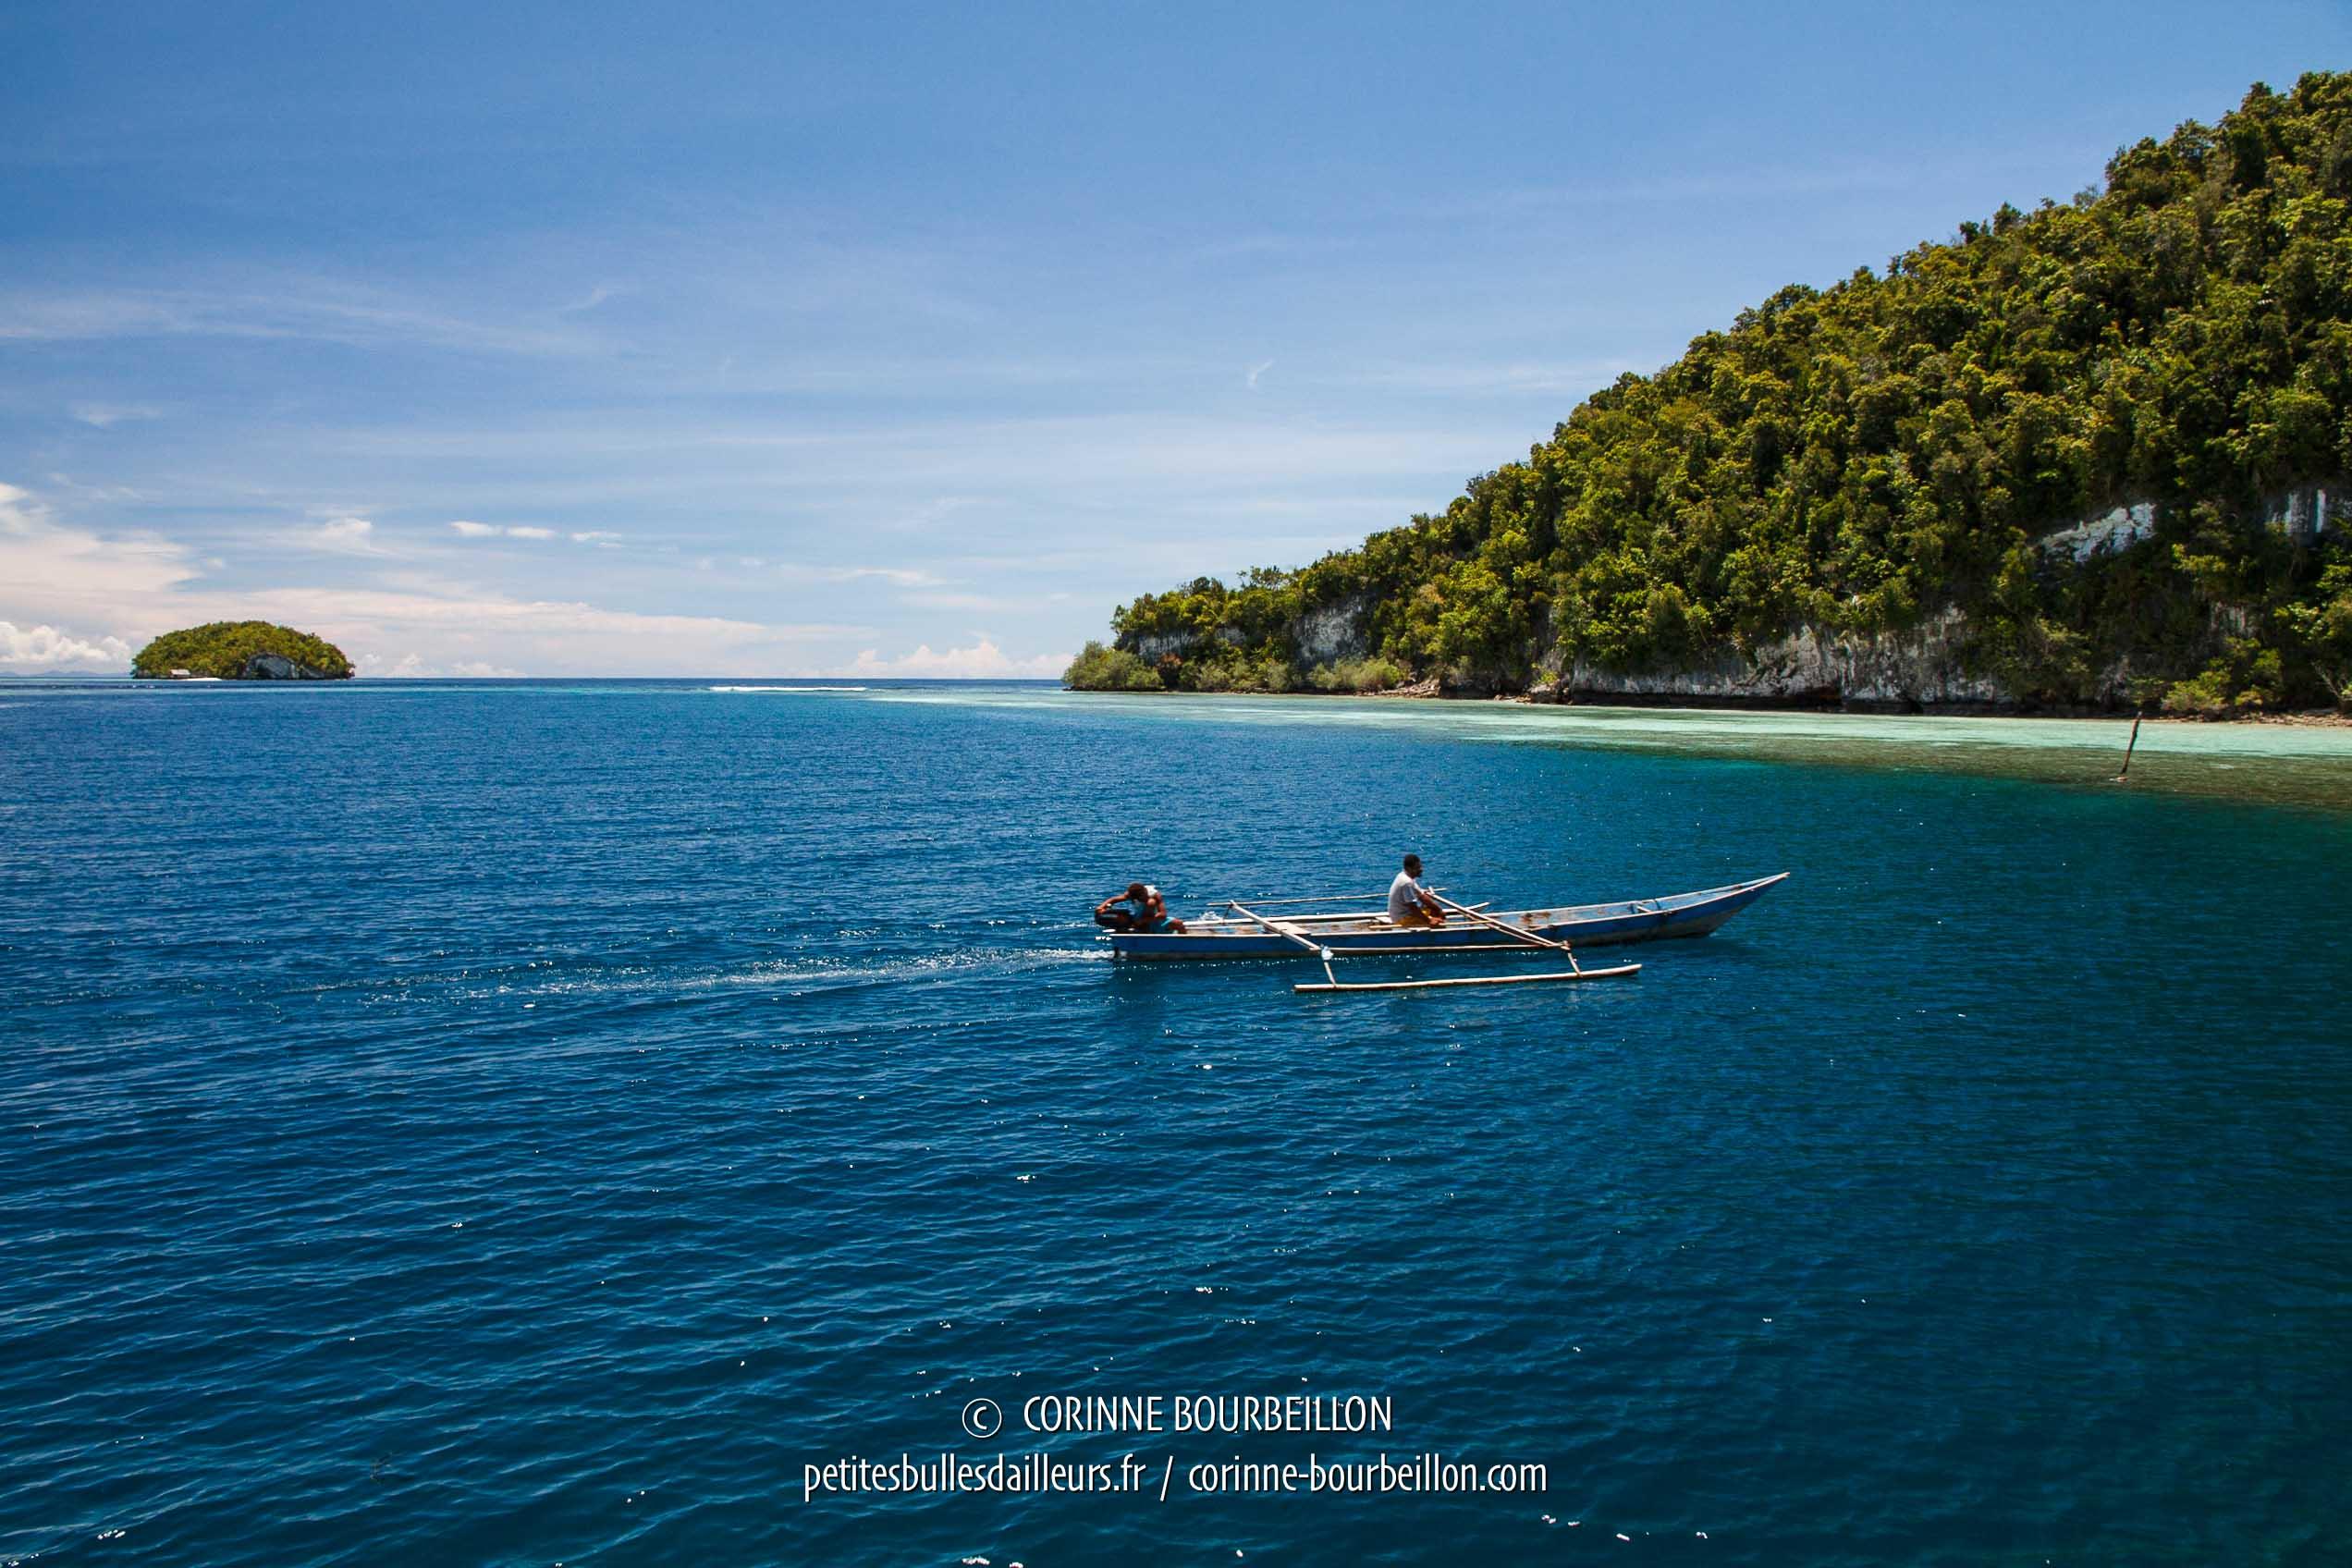 Un bateau devant l'île de Kri. (Raja Ampat, Papouasie occidentale, mars 2012)